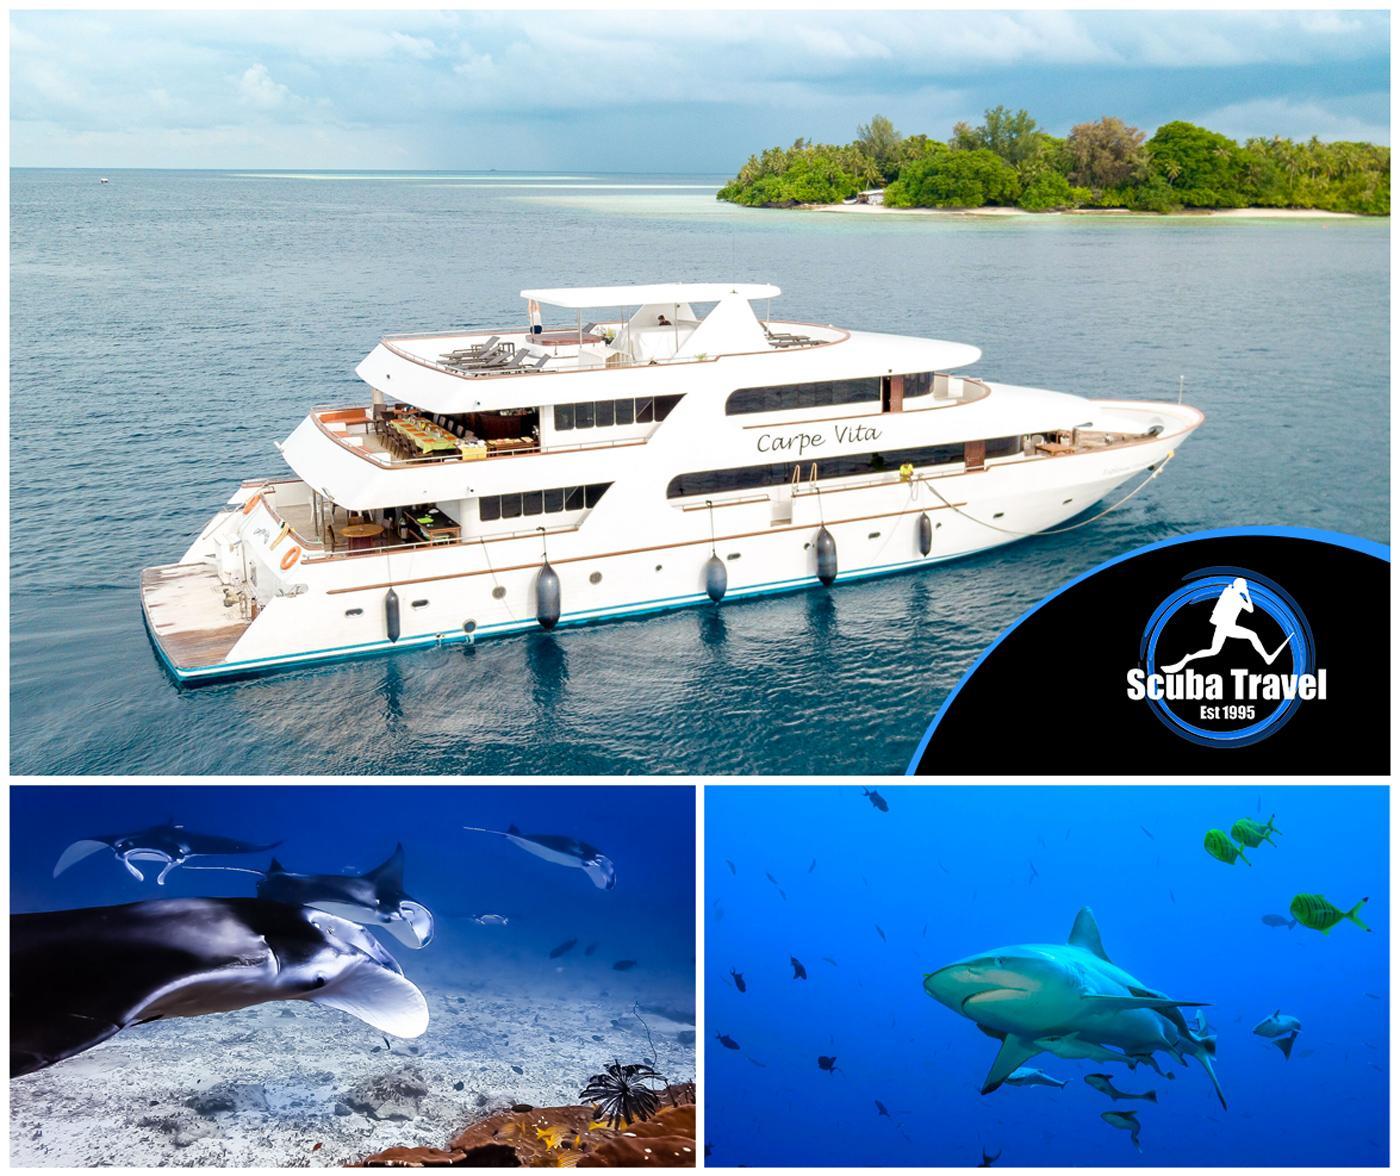 Scuba Travel, Maldives, Carpe Vita,